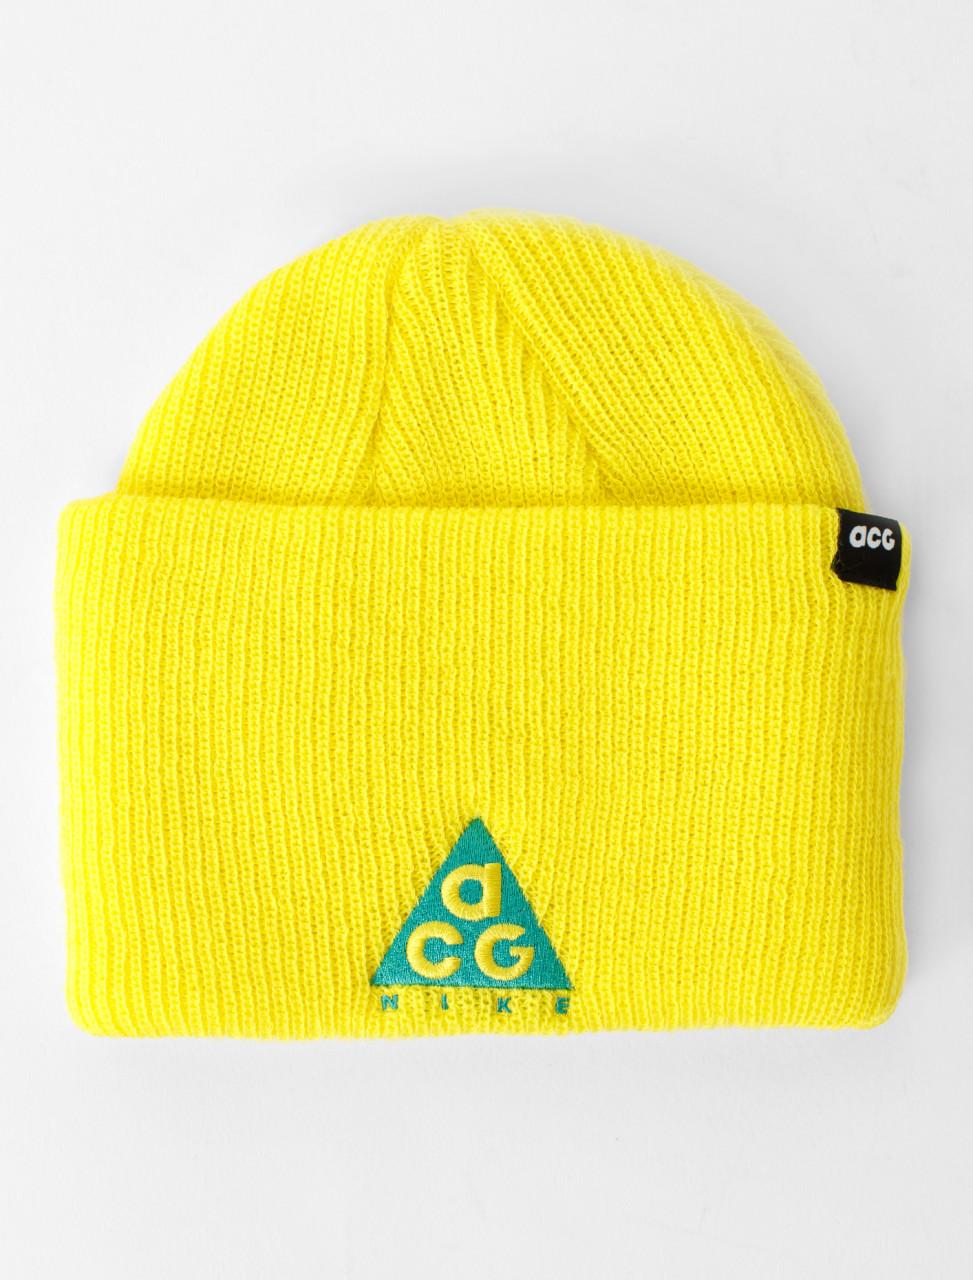 ACG Beanie Optic Yellow